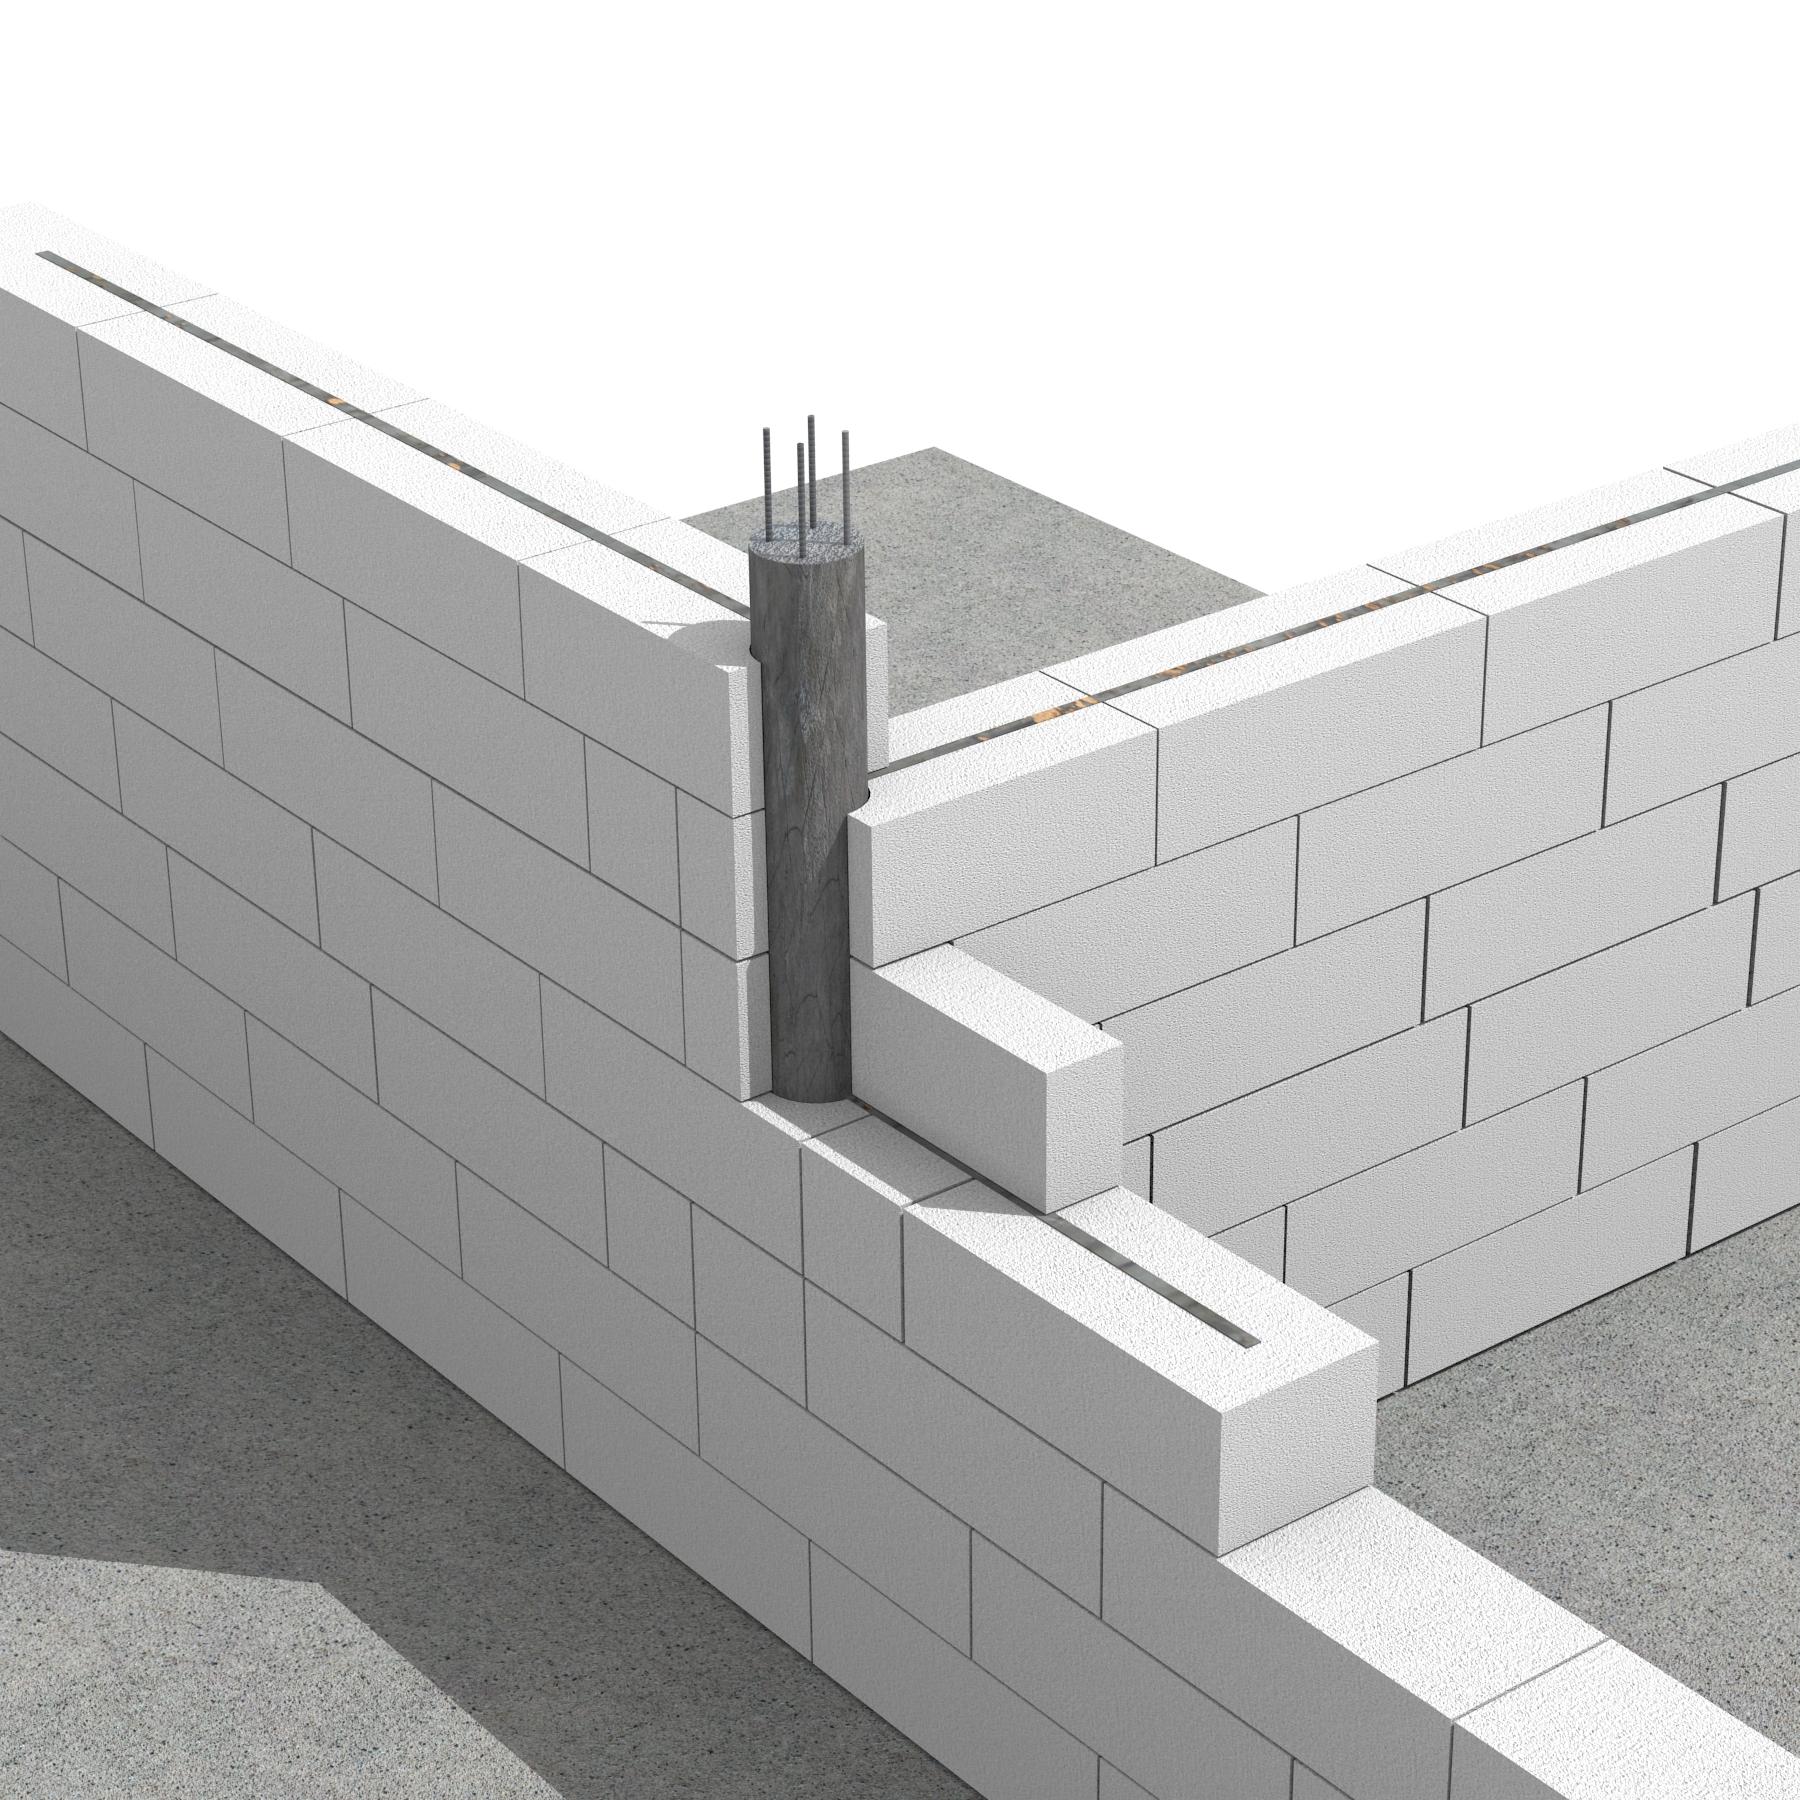 Pereti de compartimentare portanti realizati cu profile O pentru turnarea stalpisorilor - Sistem de zidarie confinata din BCA Macon pentru constructii rezidentiale, publice si industriale